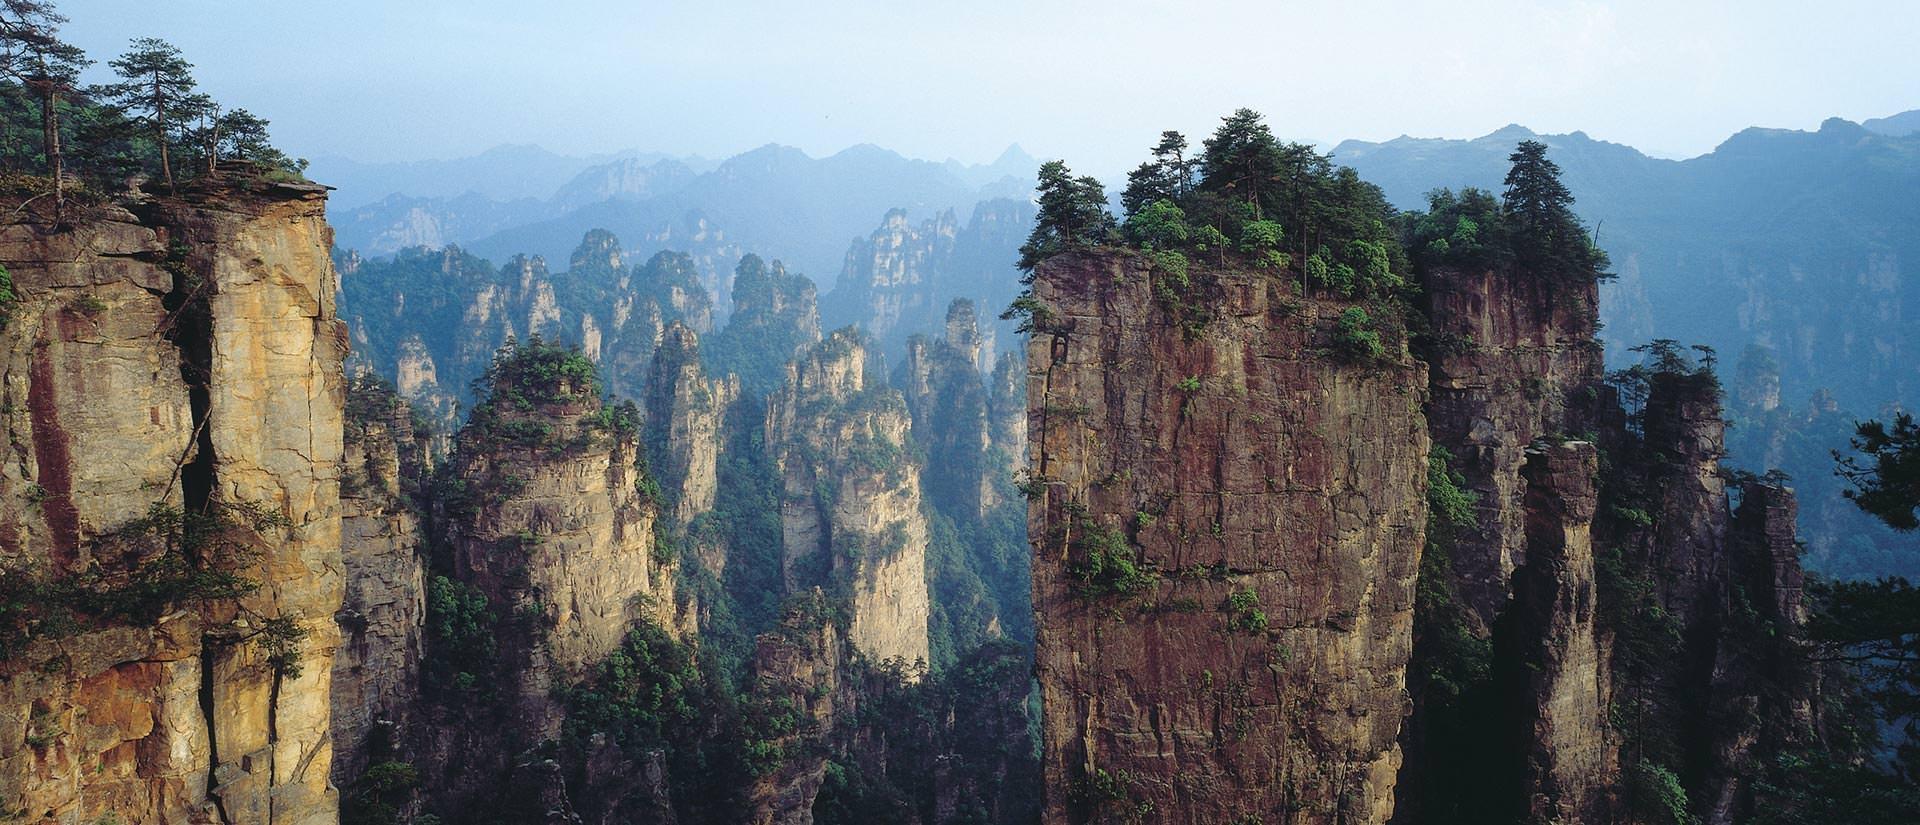 טיול לסין 17 יום - שמורת הטבע ג'אנגג'יאג'יה